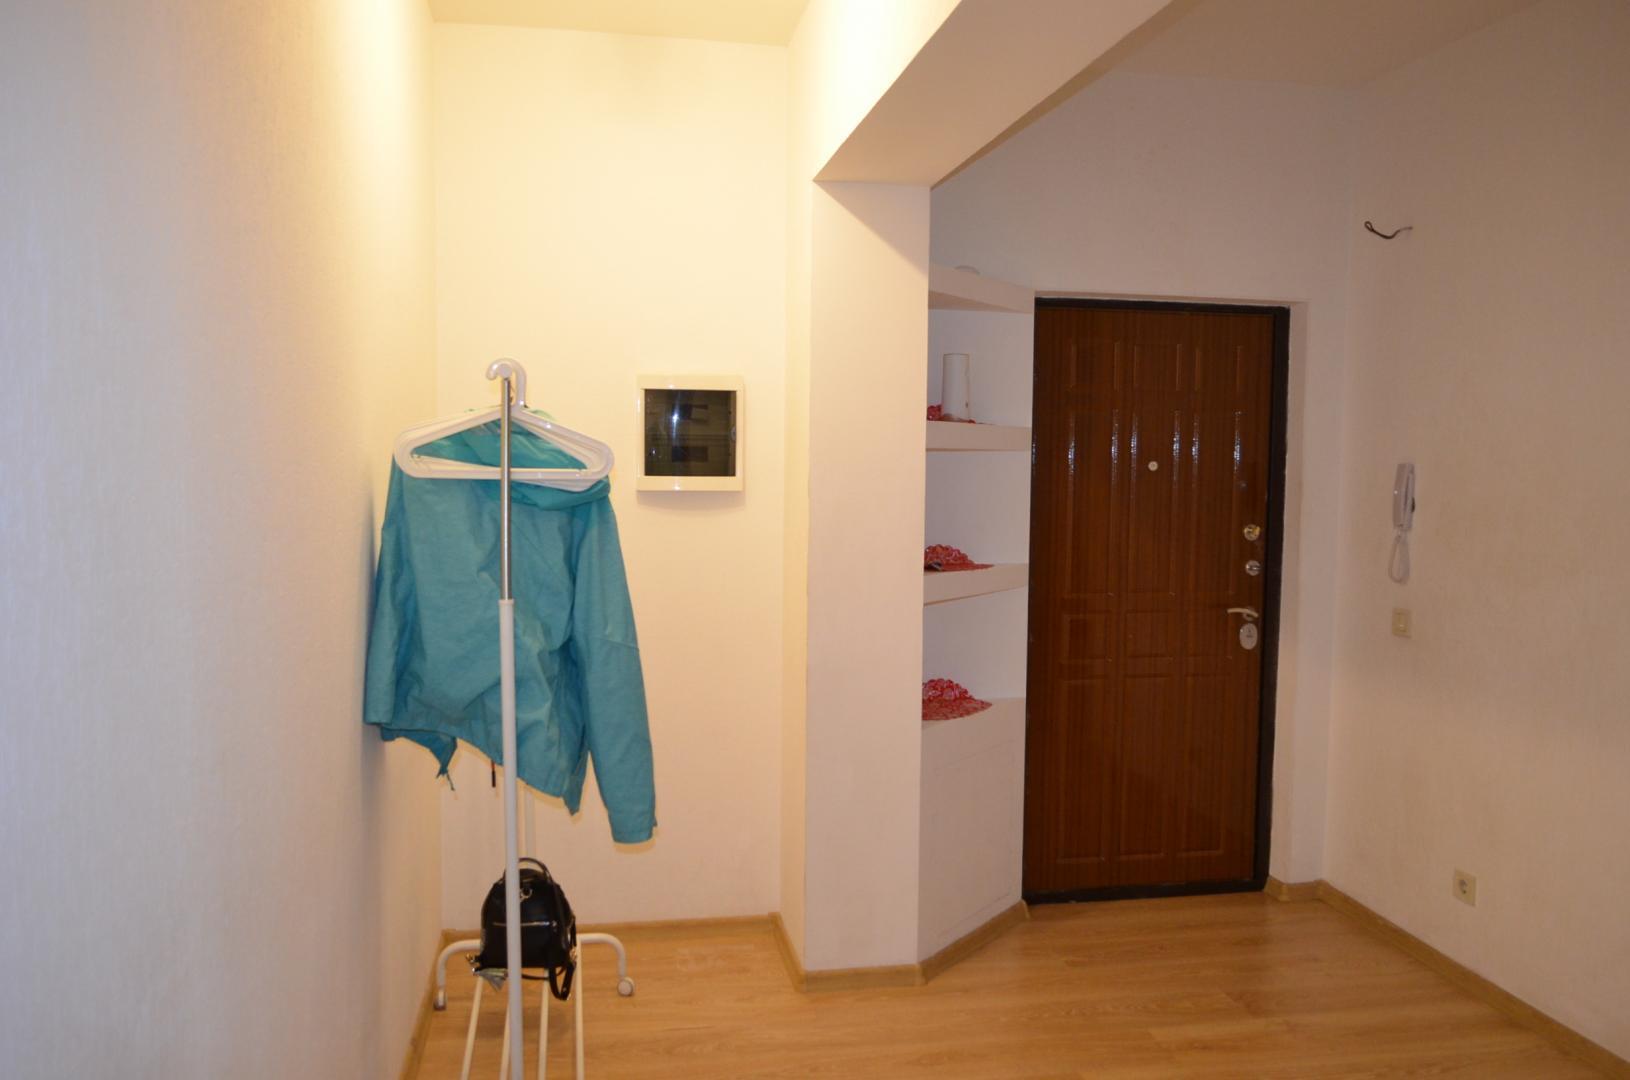 Квартира, 2 комнаты, 90 м² в Дзержинском 89091663365 купить 4